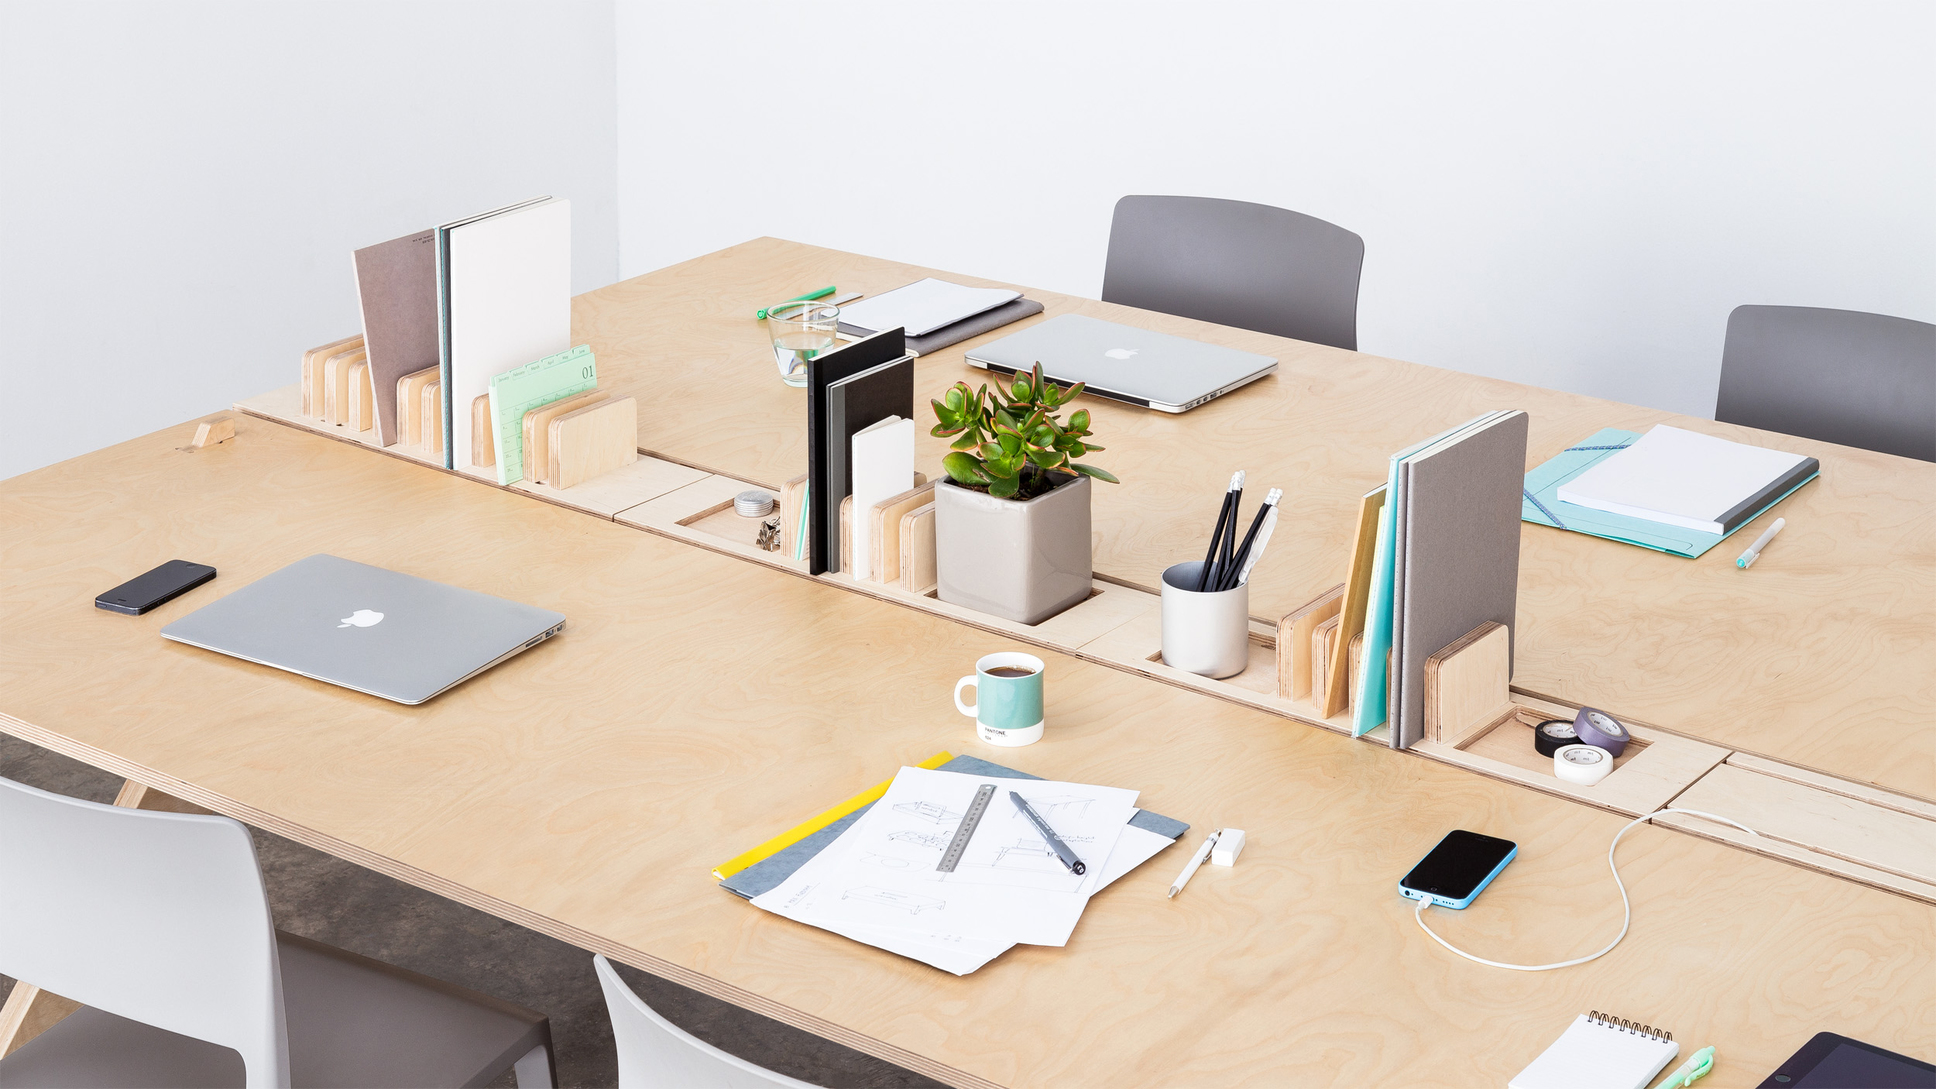 Bureau agile 4 personnes opendesk lean desk openwood for Bureau pour 2 personnes